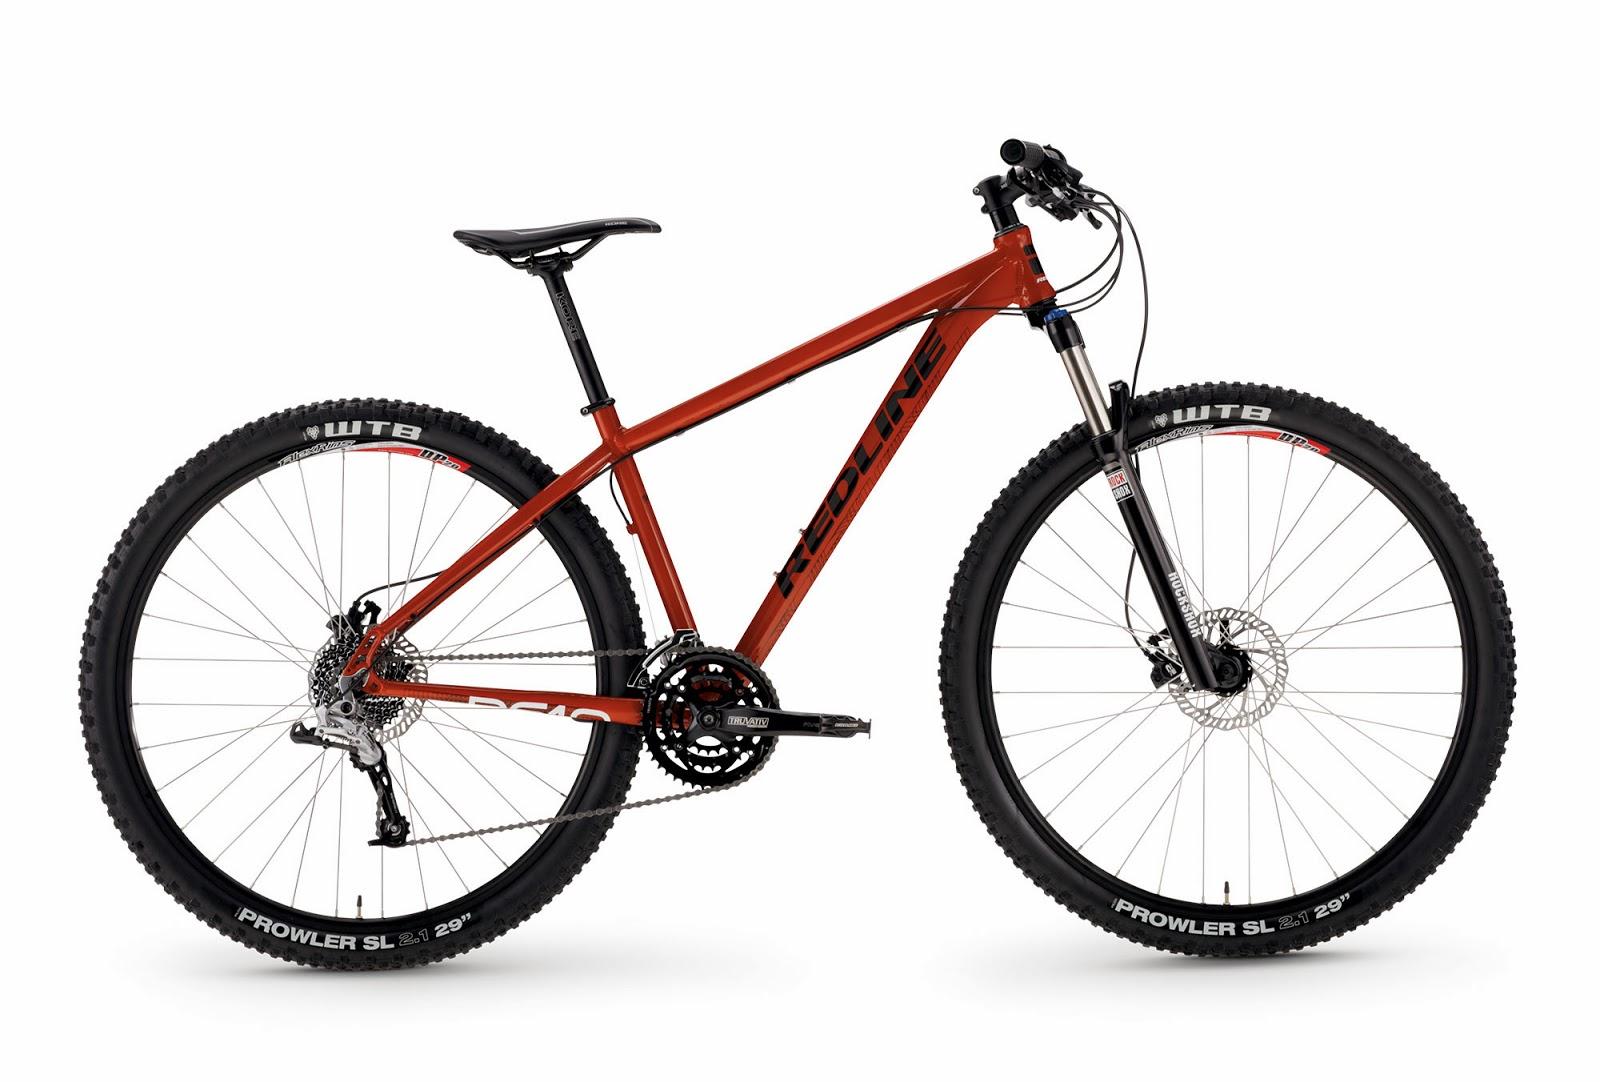 2014 Redline D610 29er Bike